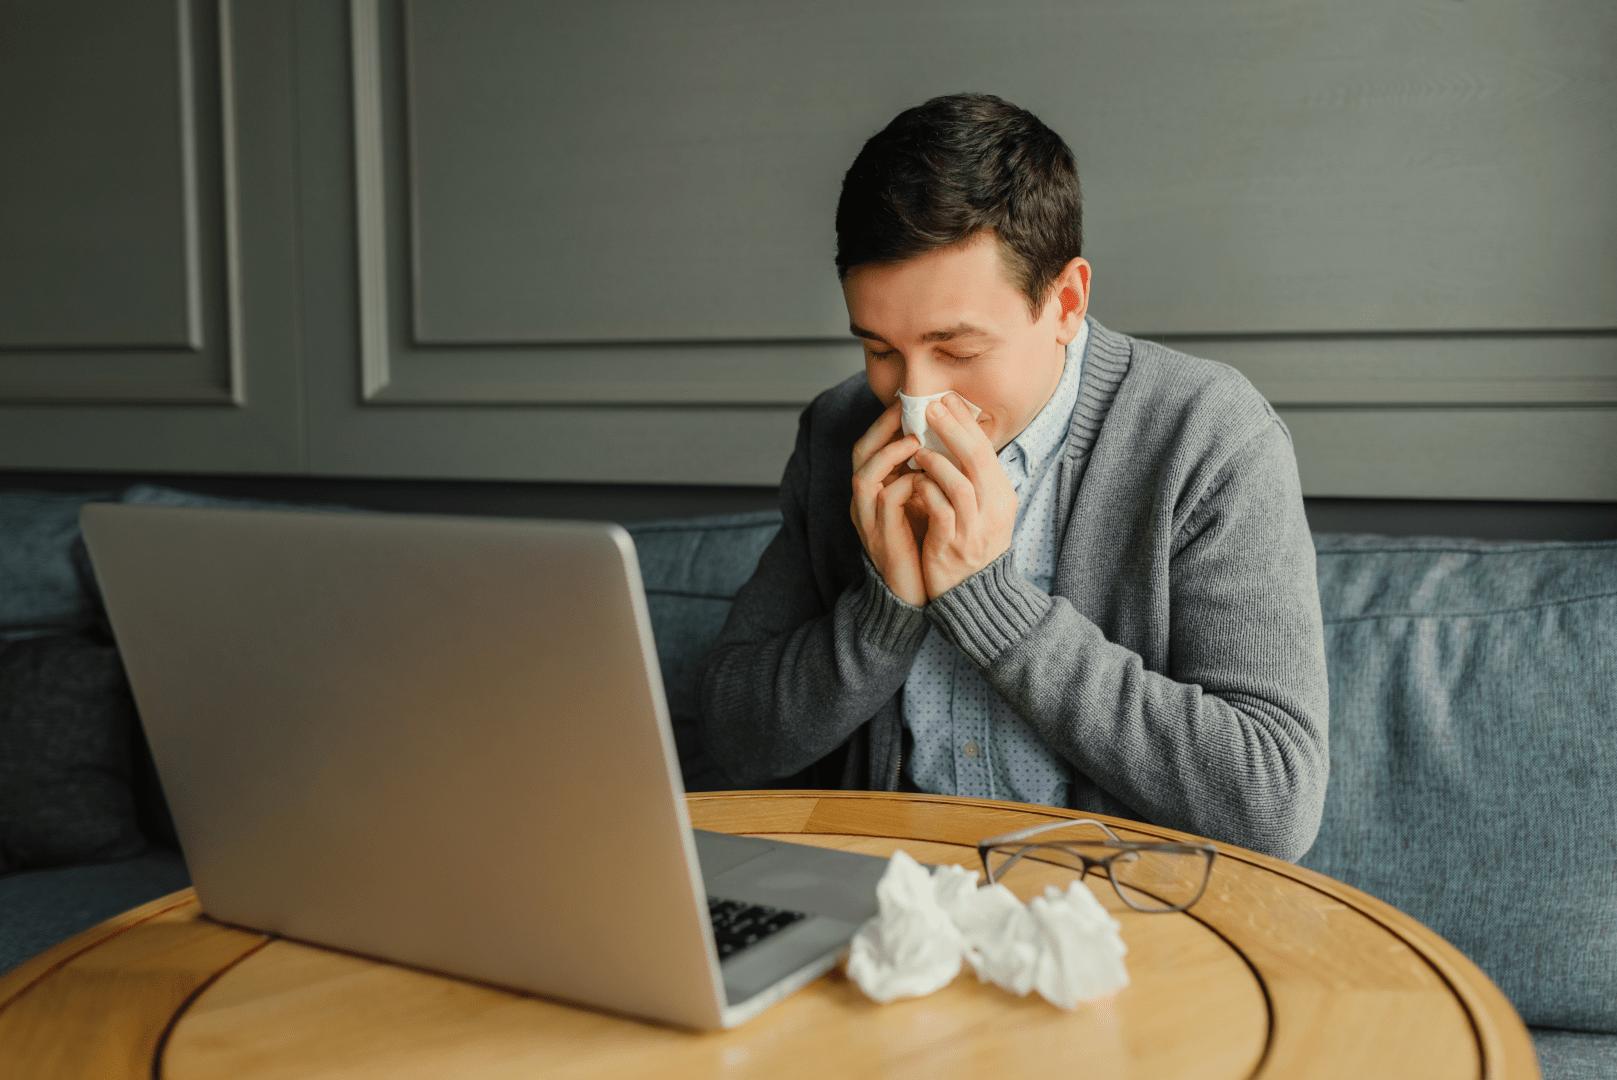 gripe homem limpando o nariz em frente ao computador